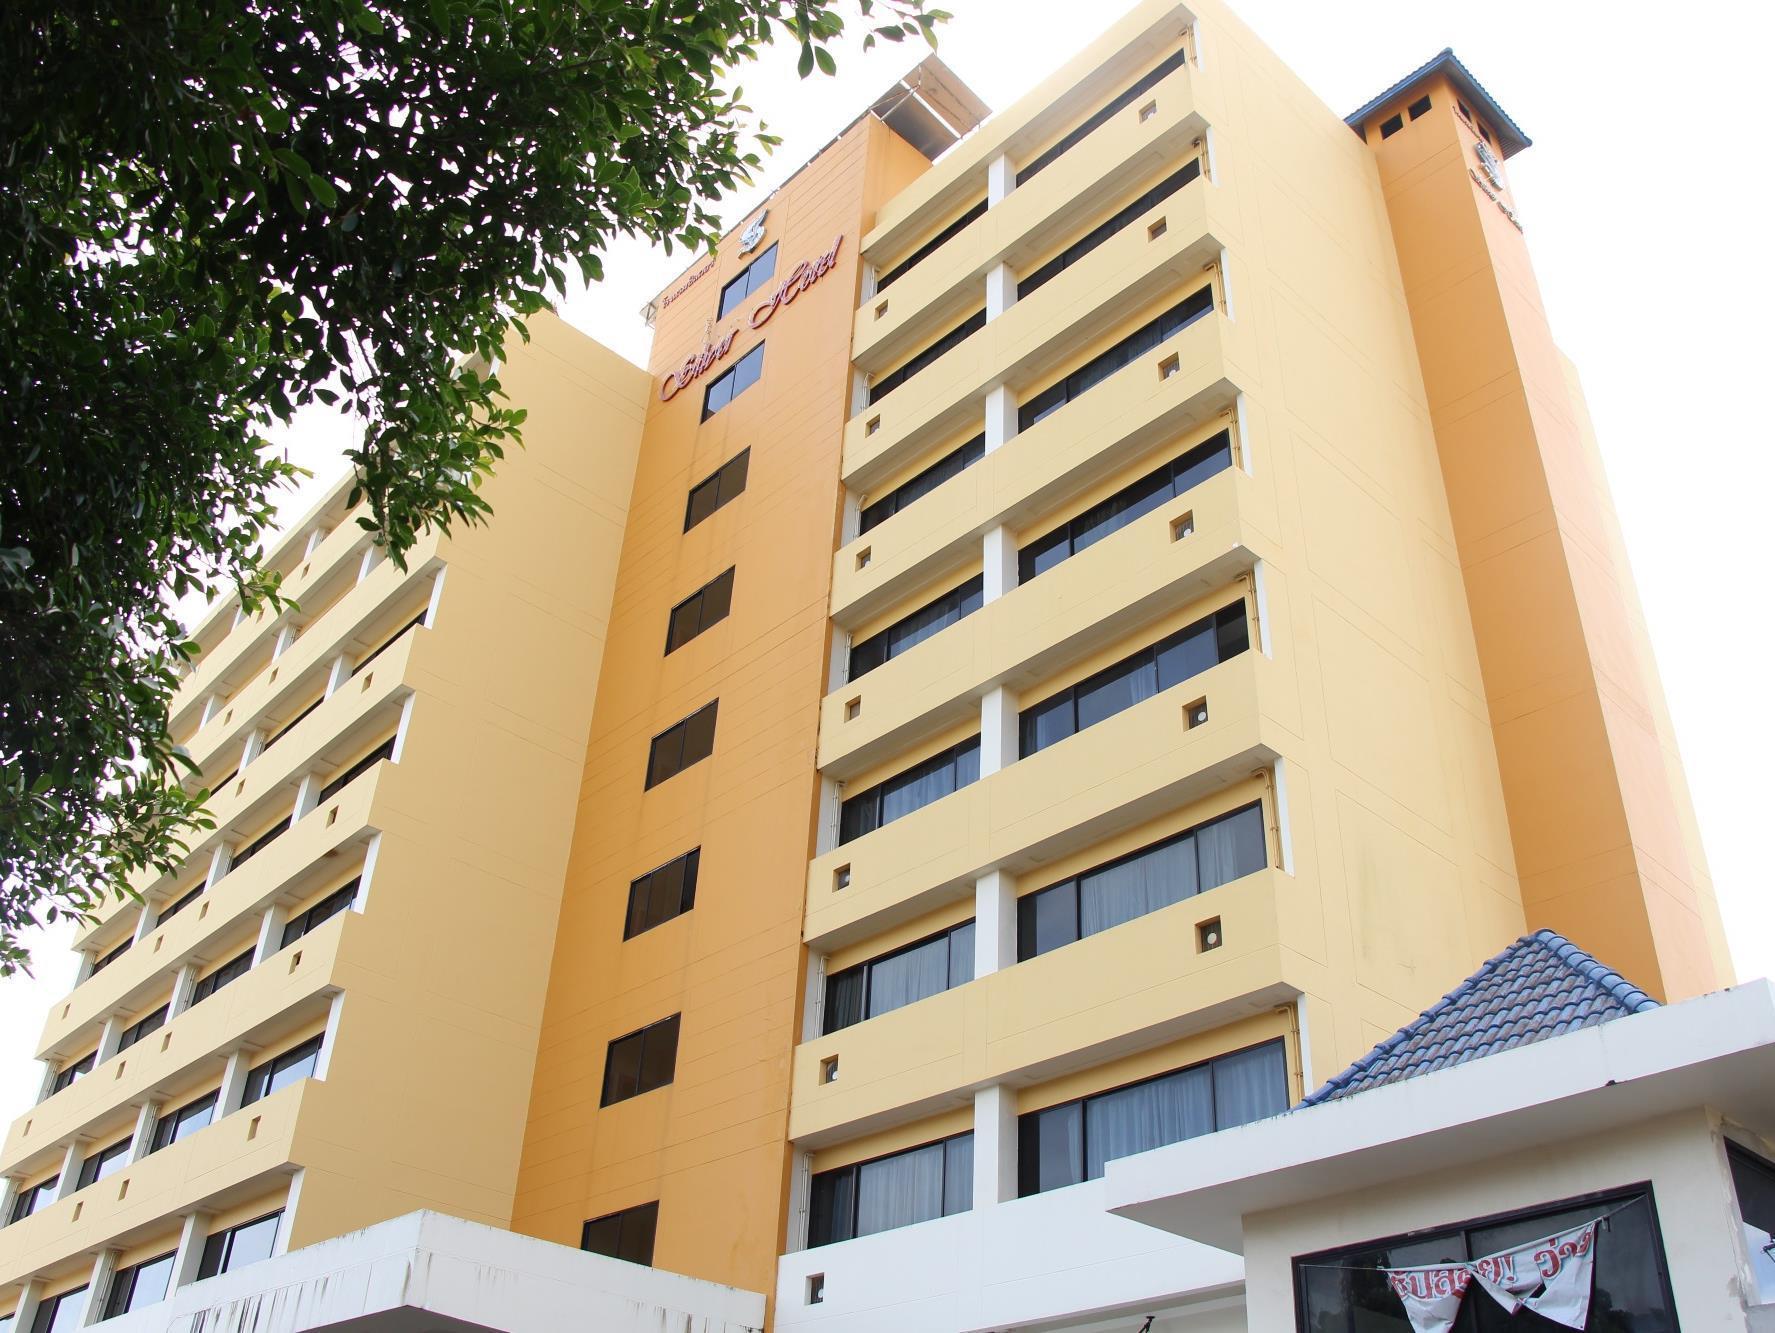 Hotell Silver Hotel Phuket i , Phuket. Klicka för att läsa mer och skicka bokningsförfrågan